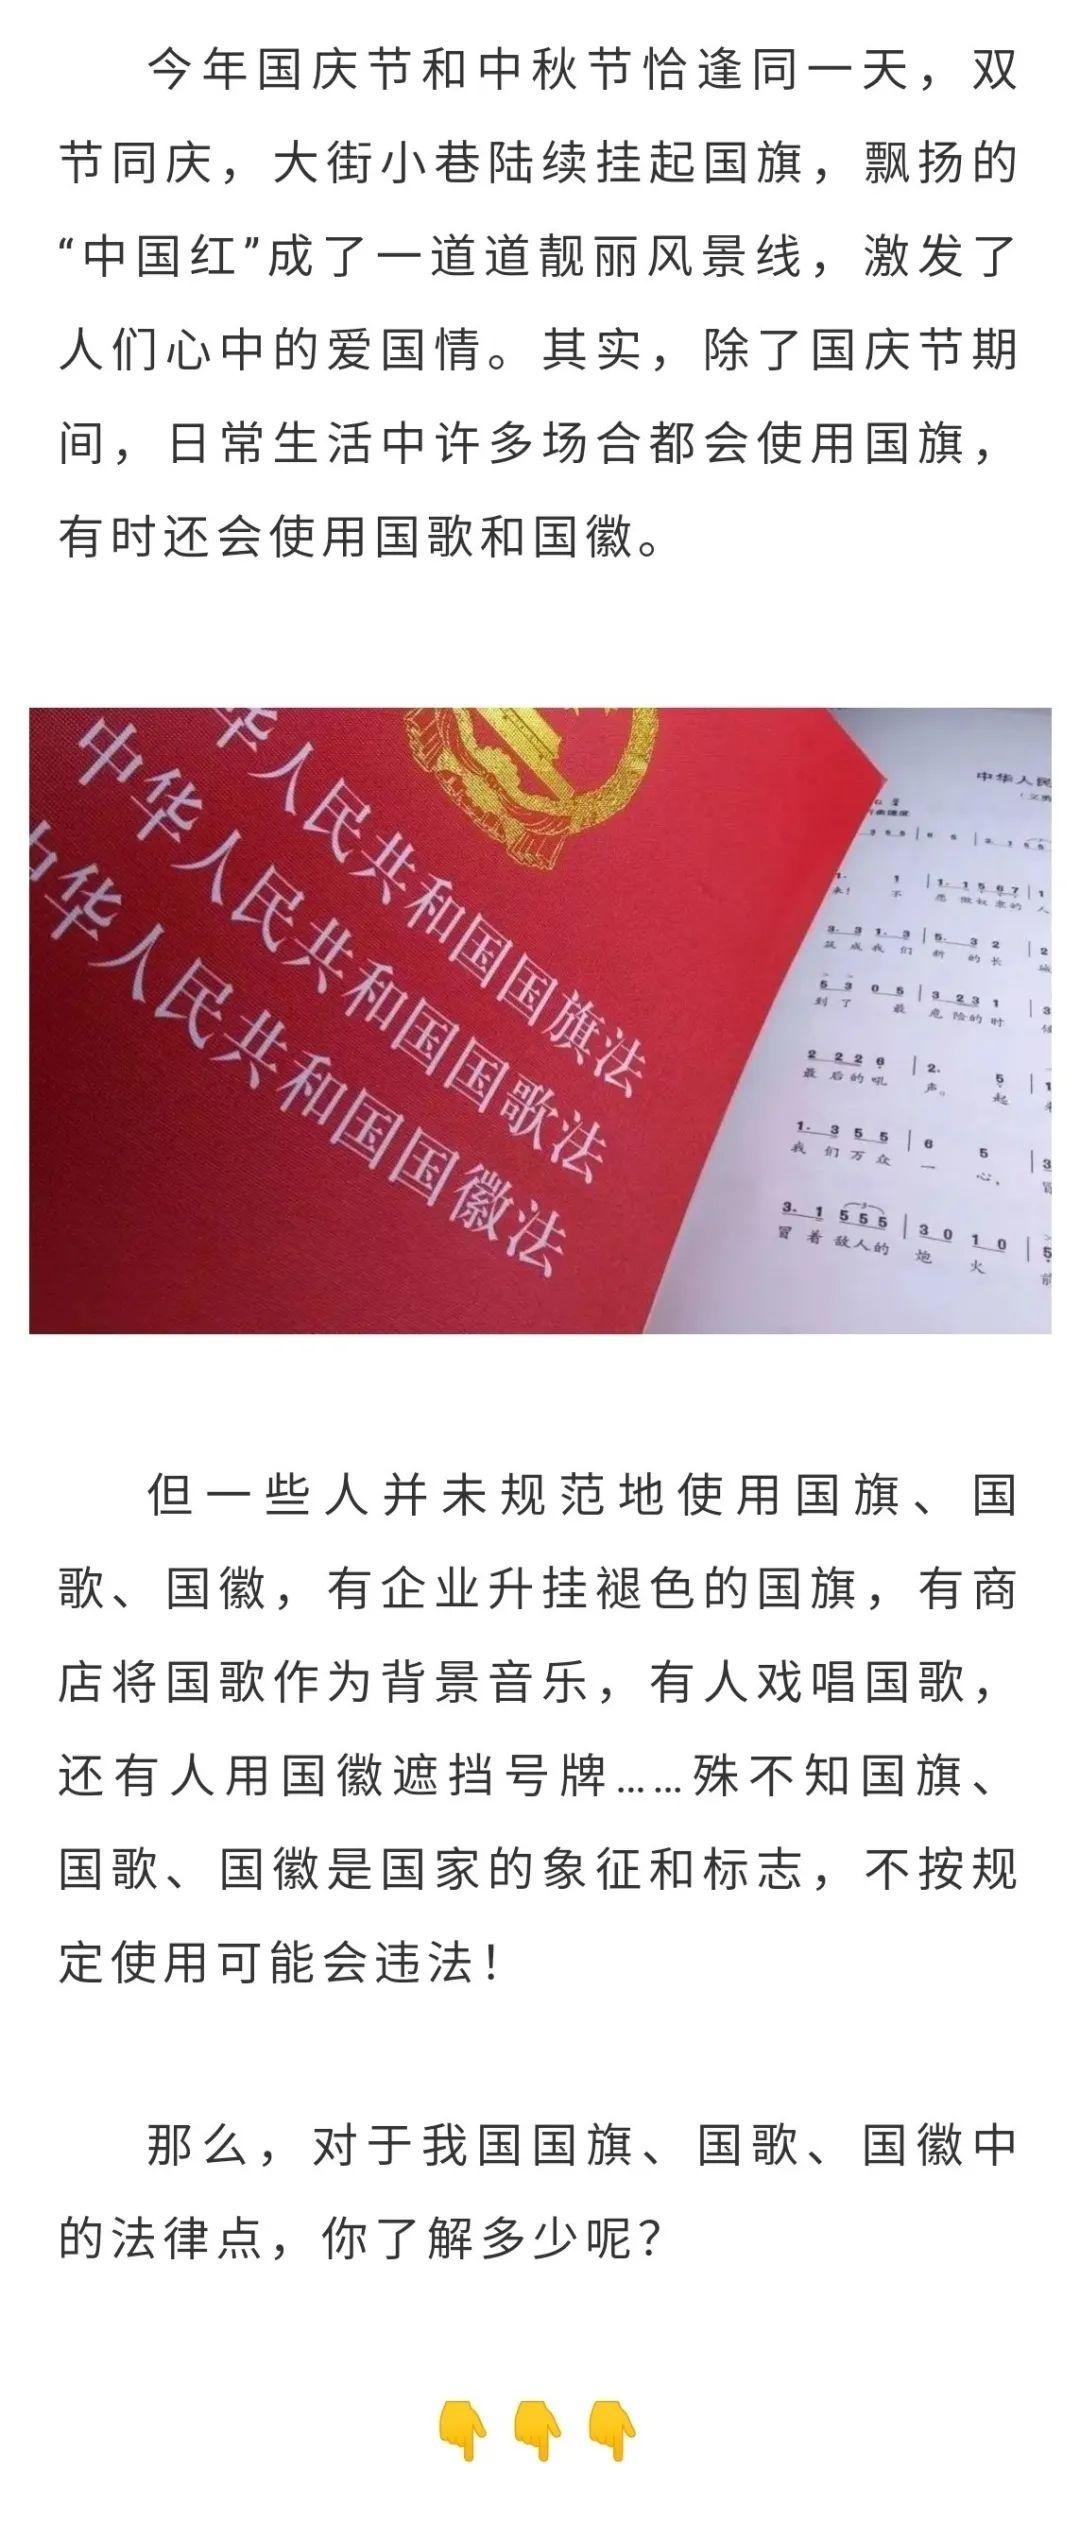 【微普法】国庆遇上中秋,使用国旗国歌国徽的讲究,你要知道!